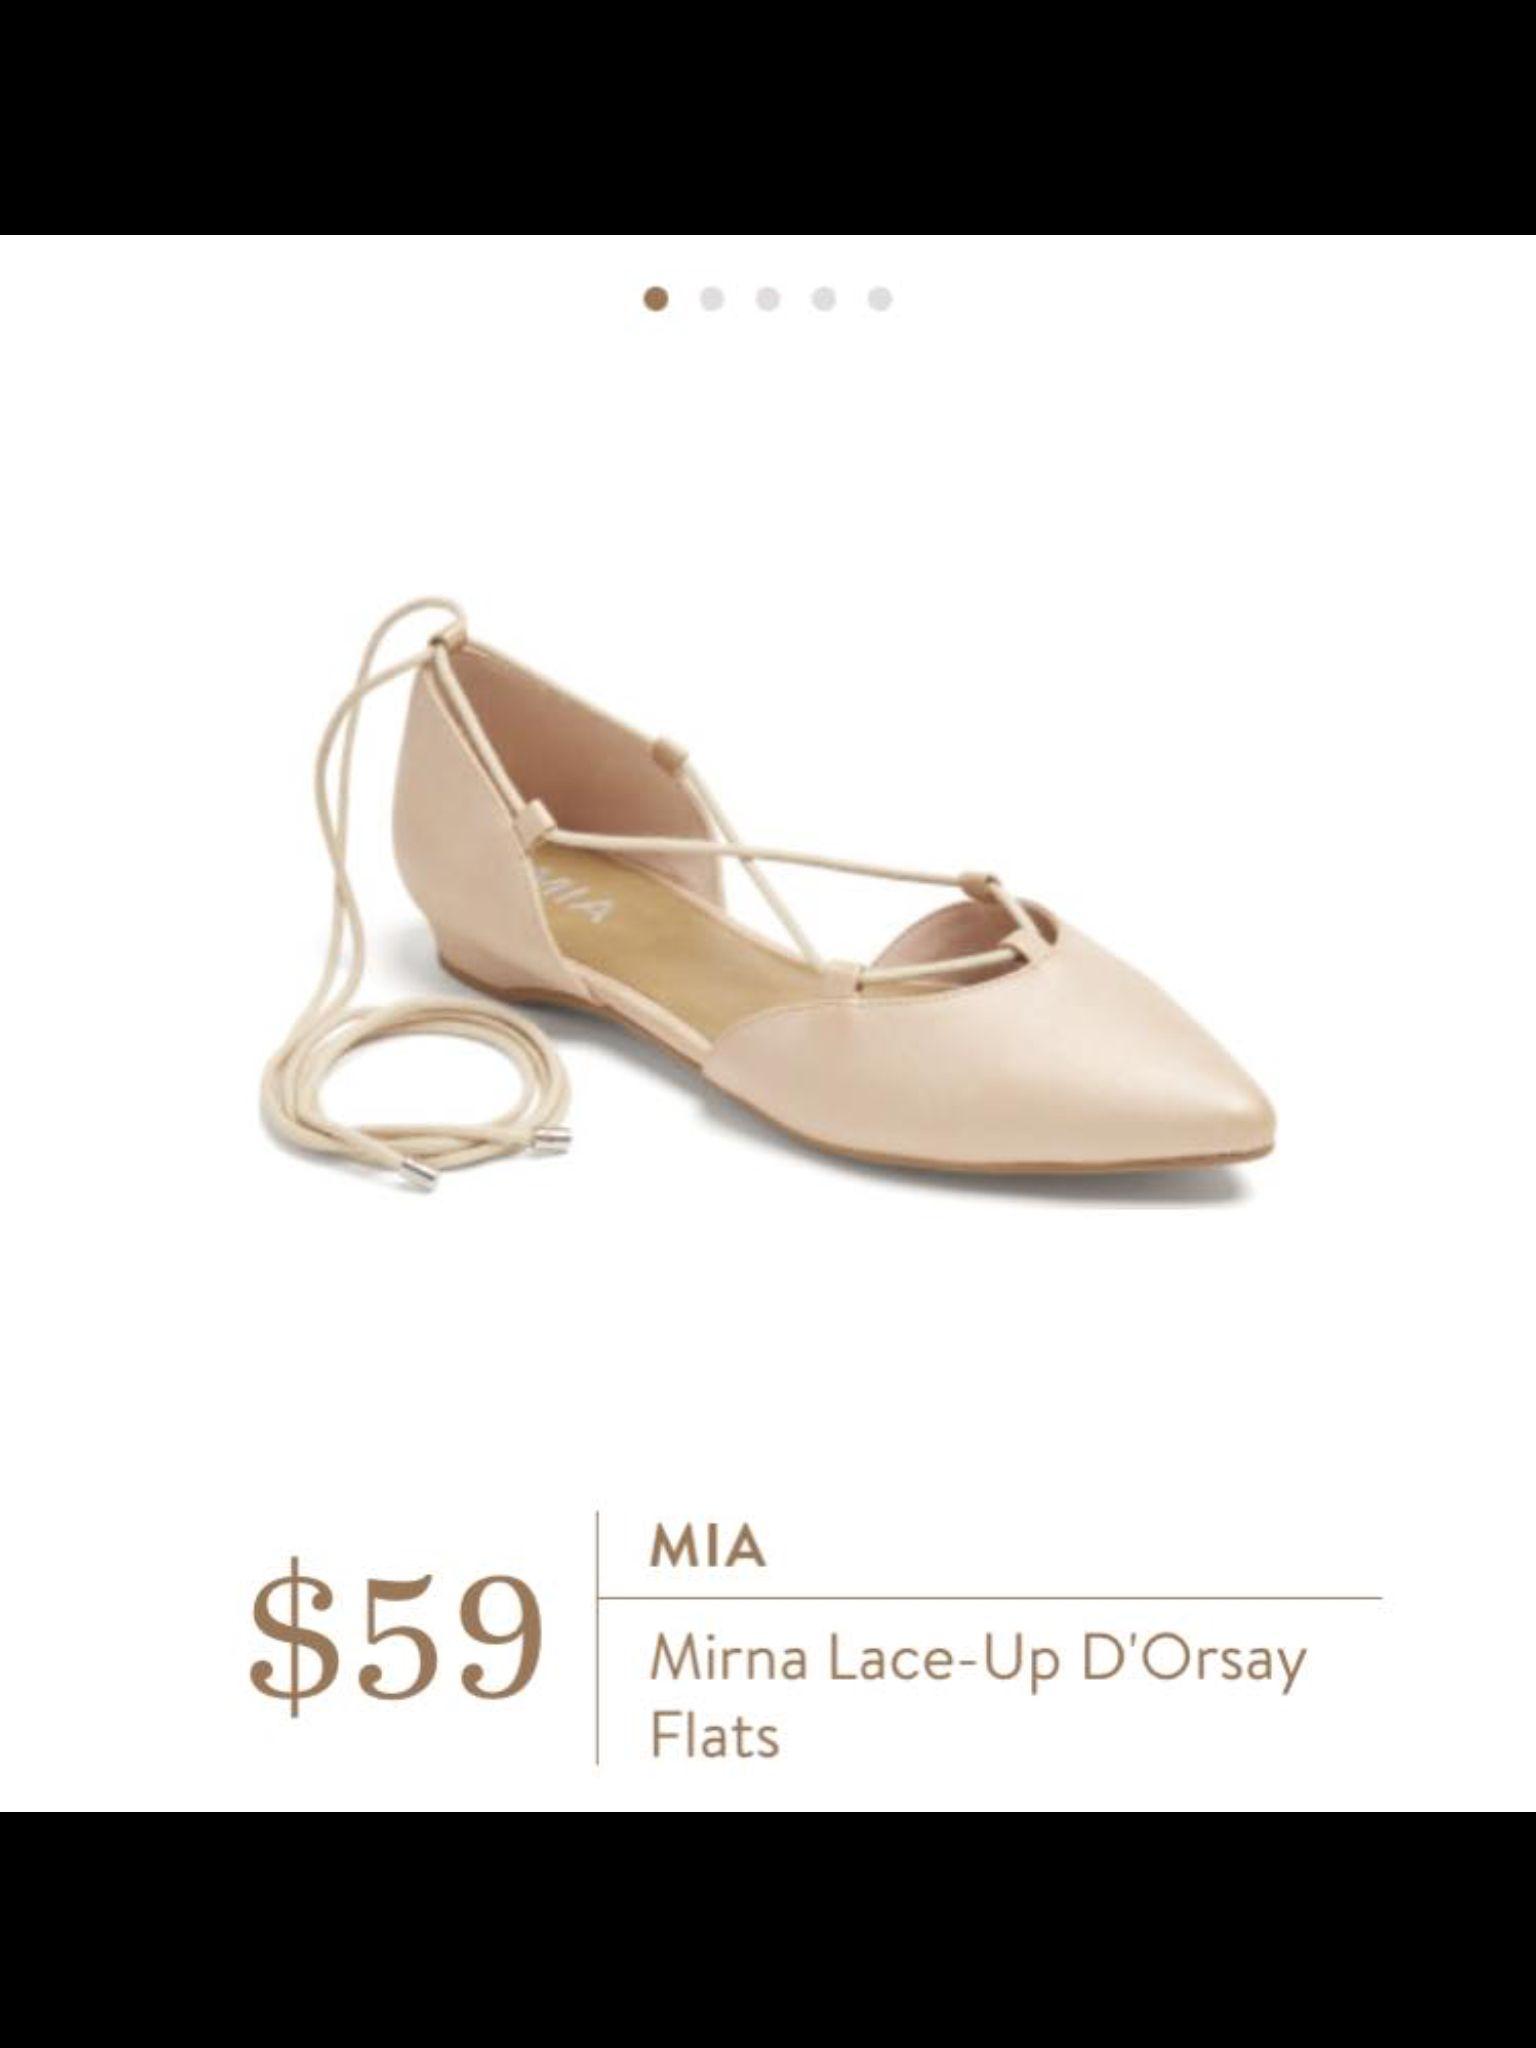 Mia Mirna Lace-Up D'Orsay Flats